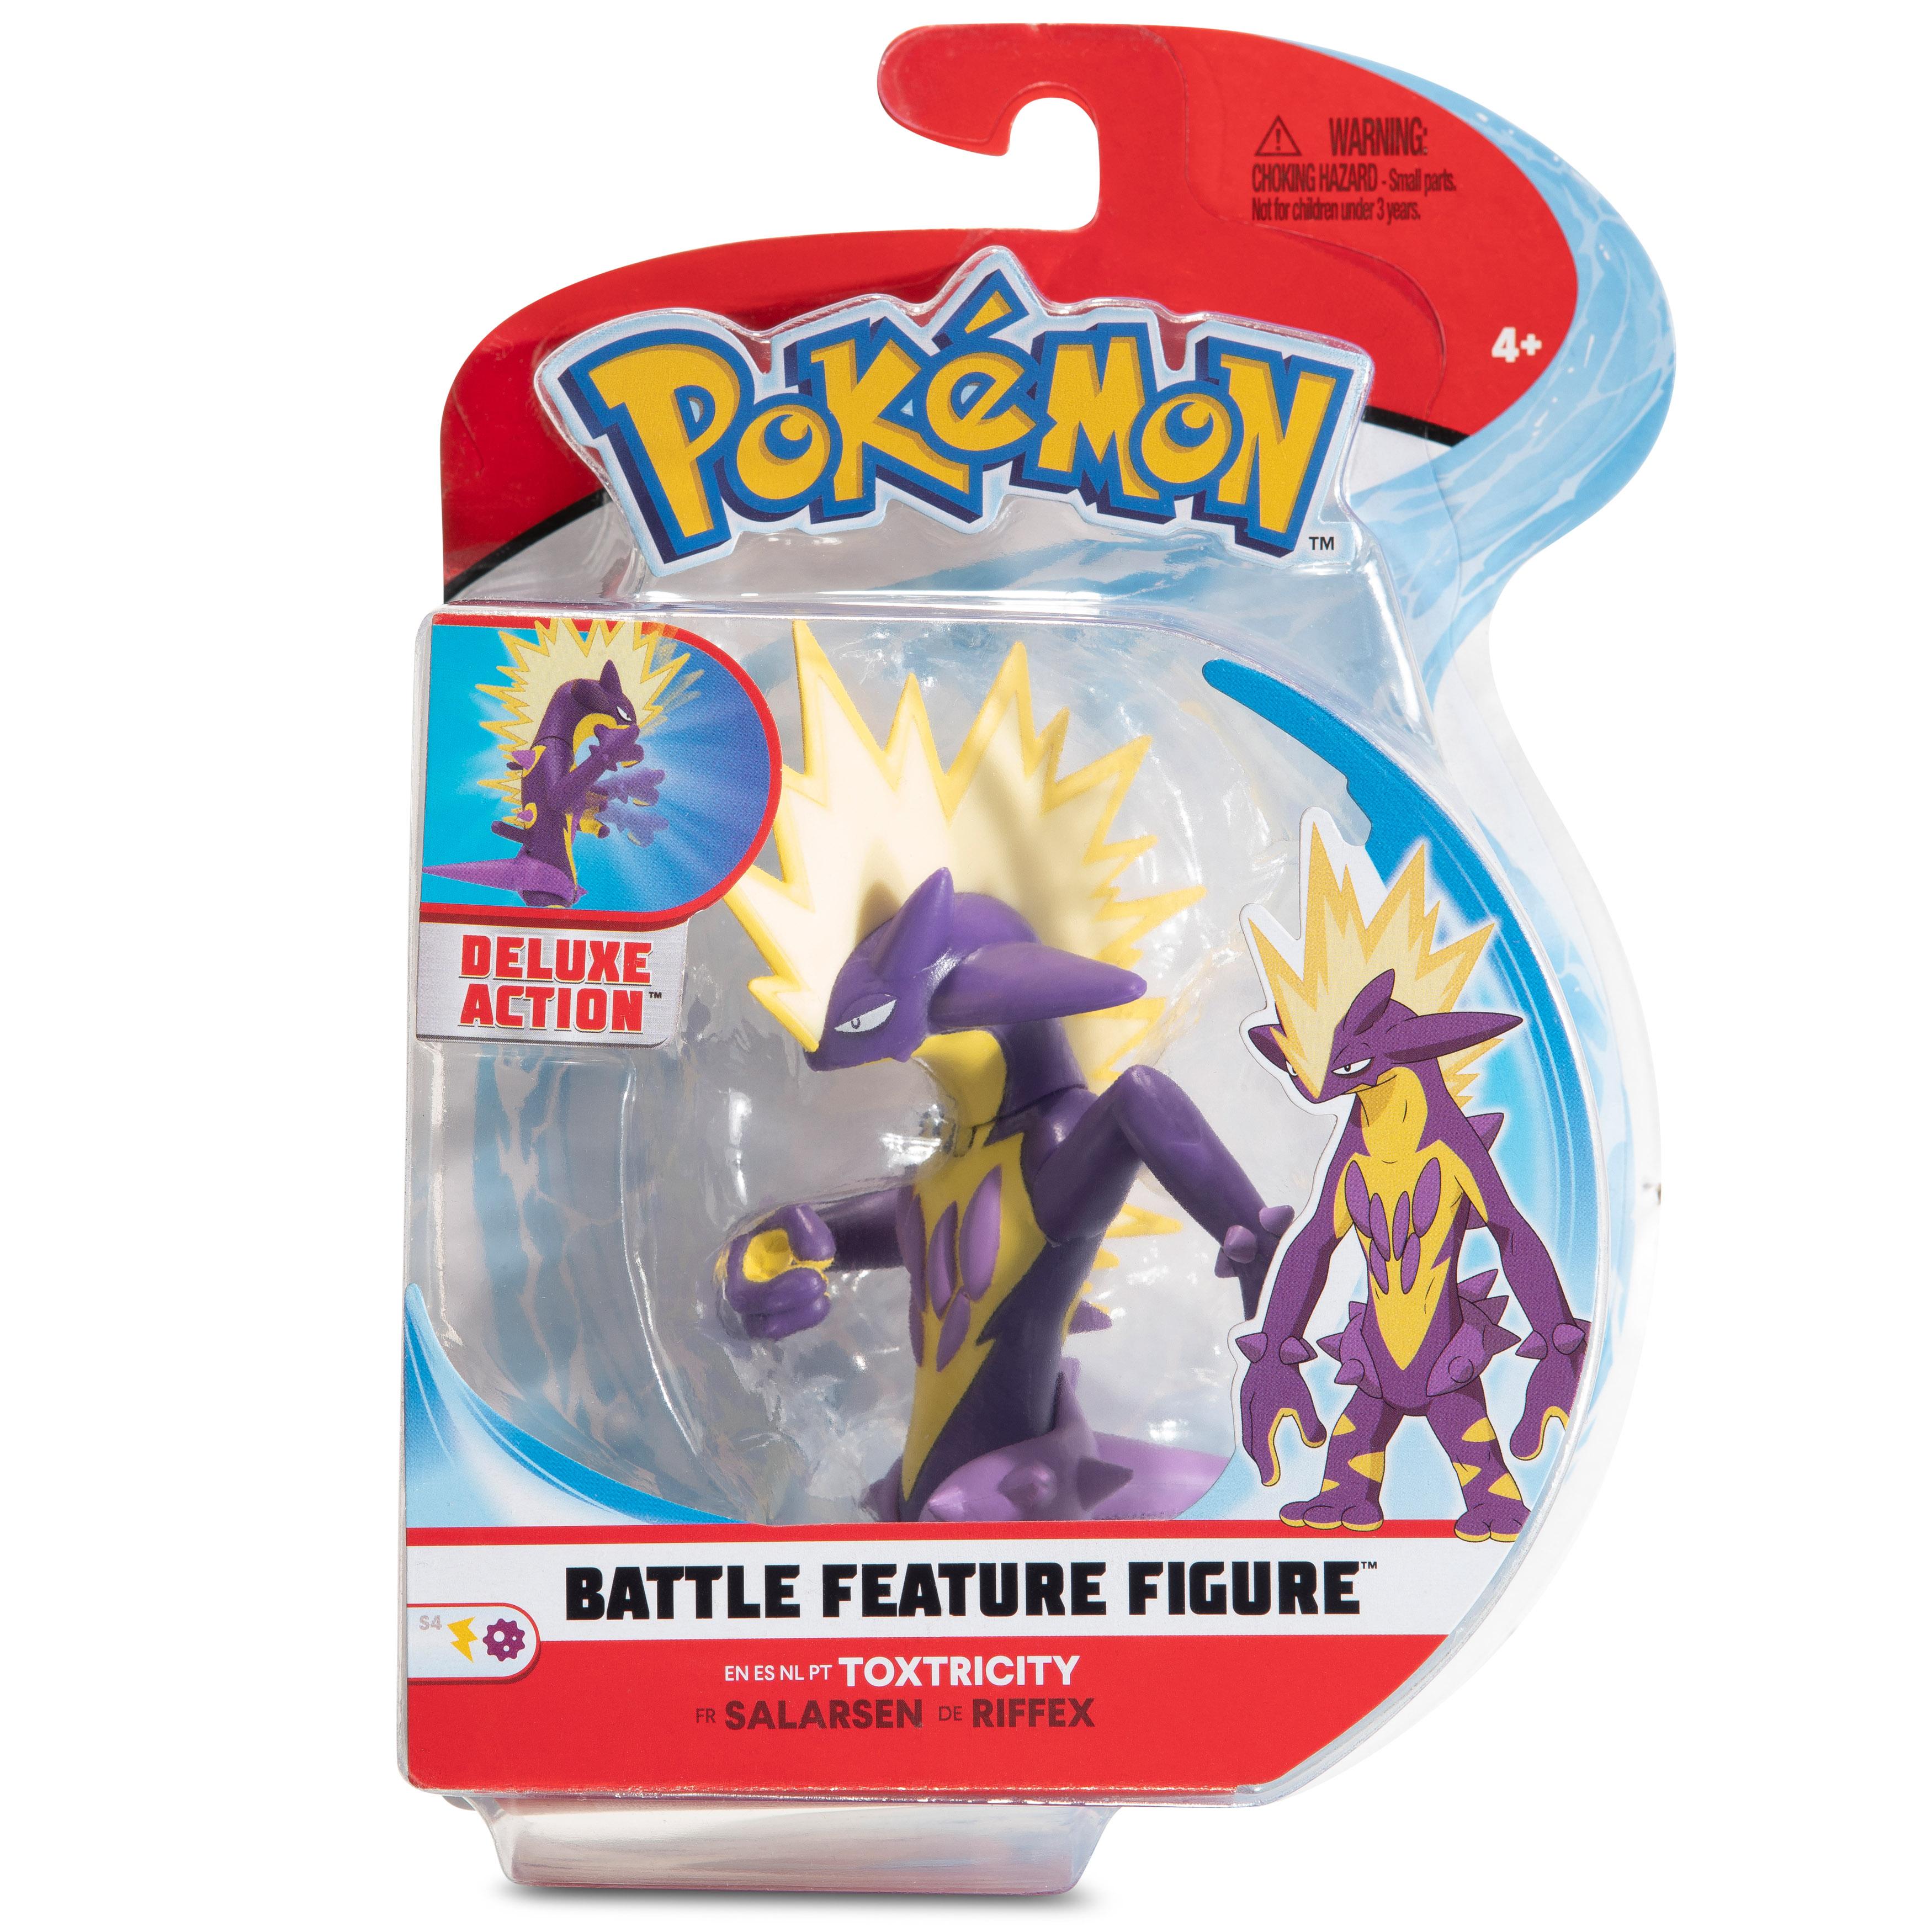 Pokémon - Battle Feature Figur - Riffex